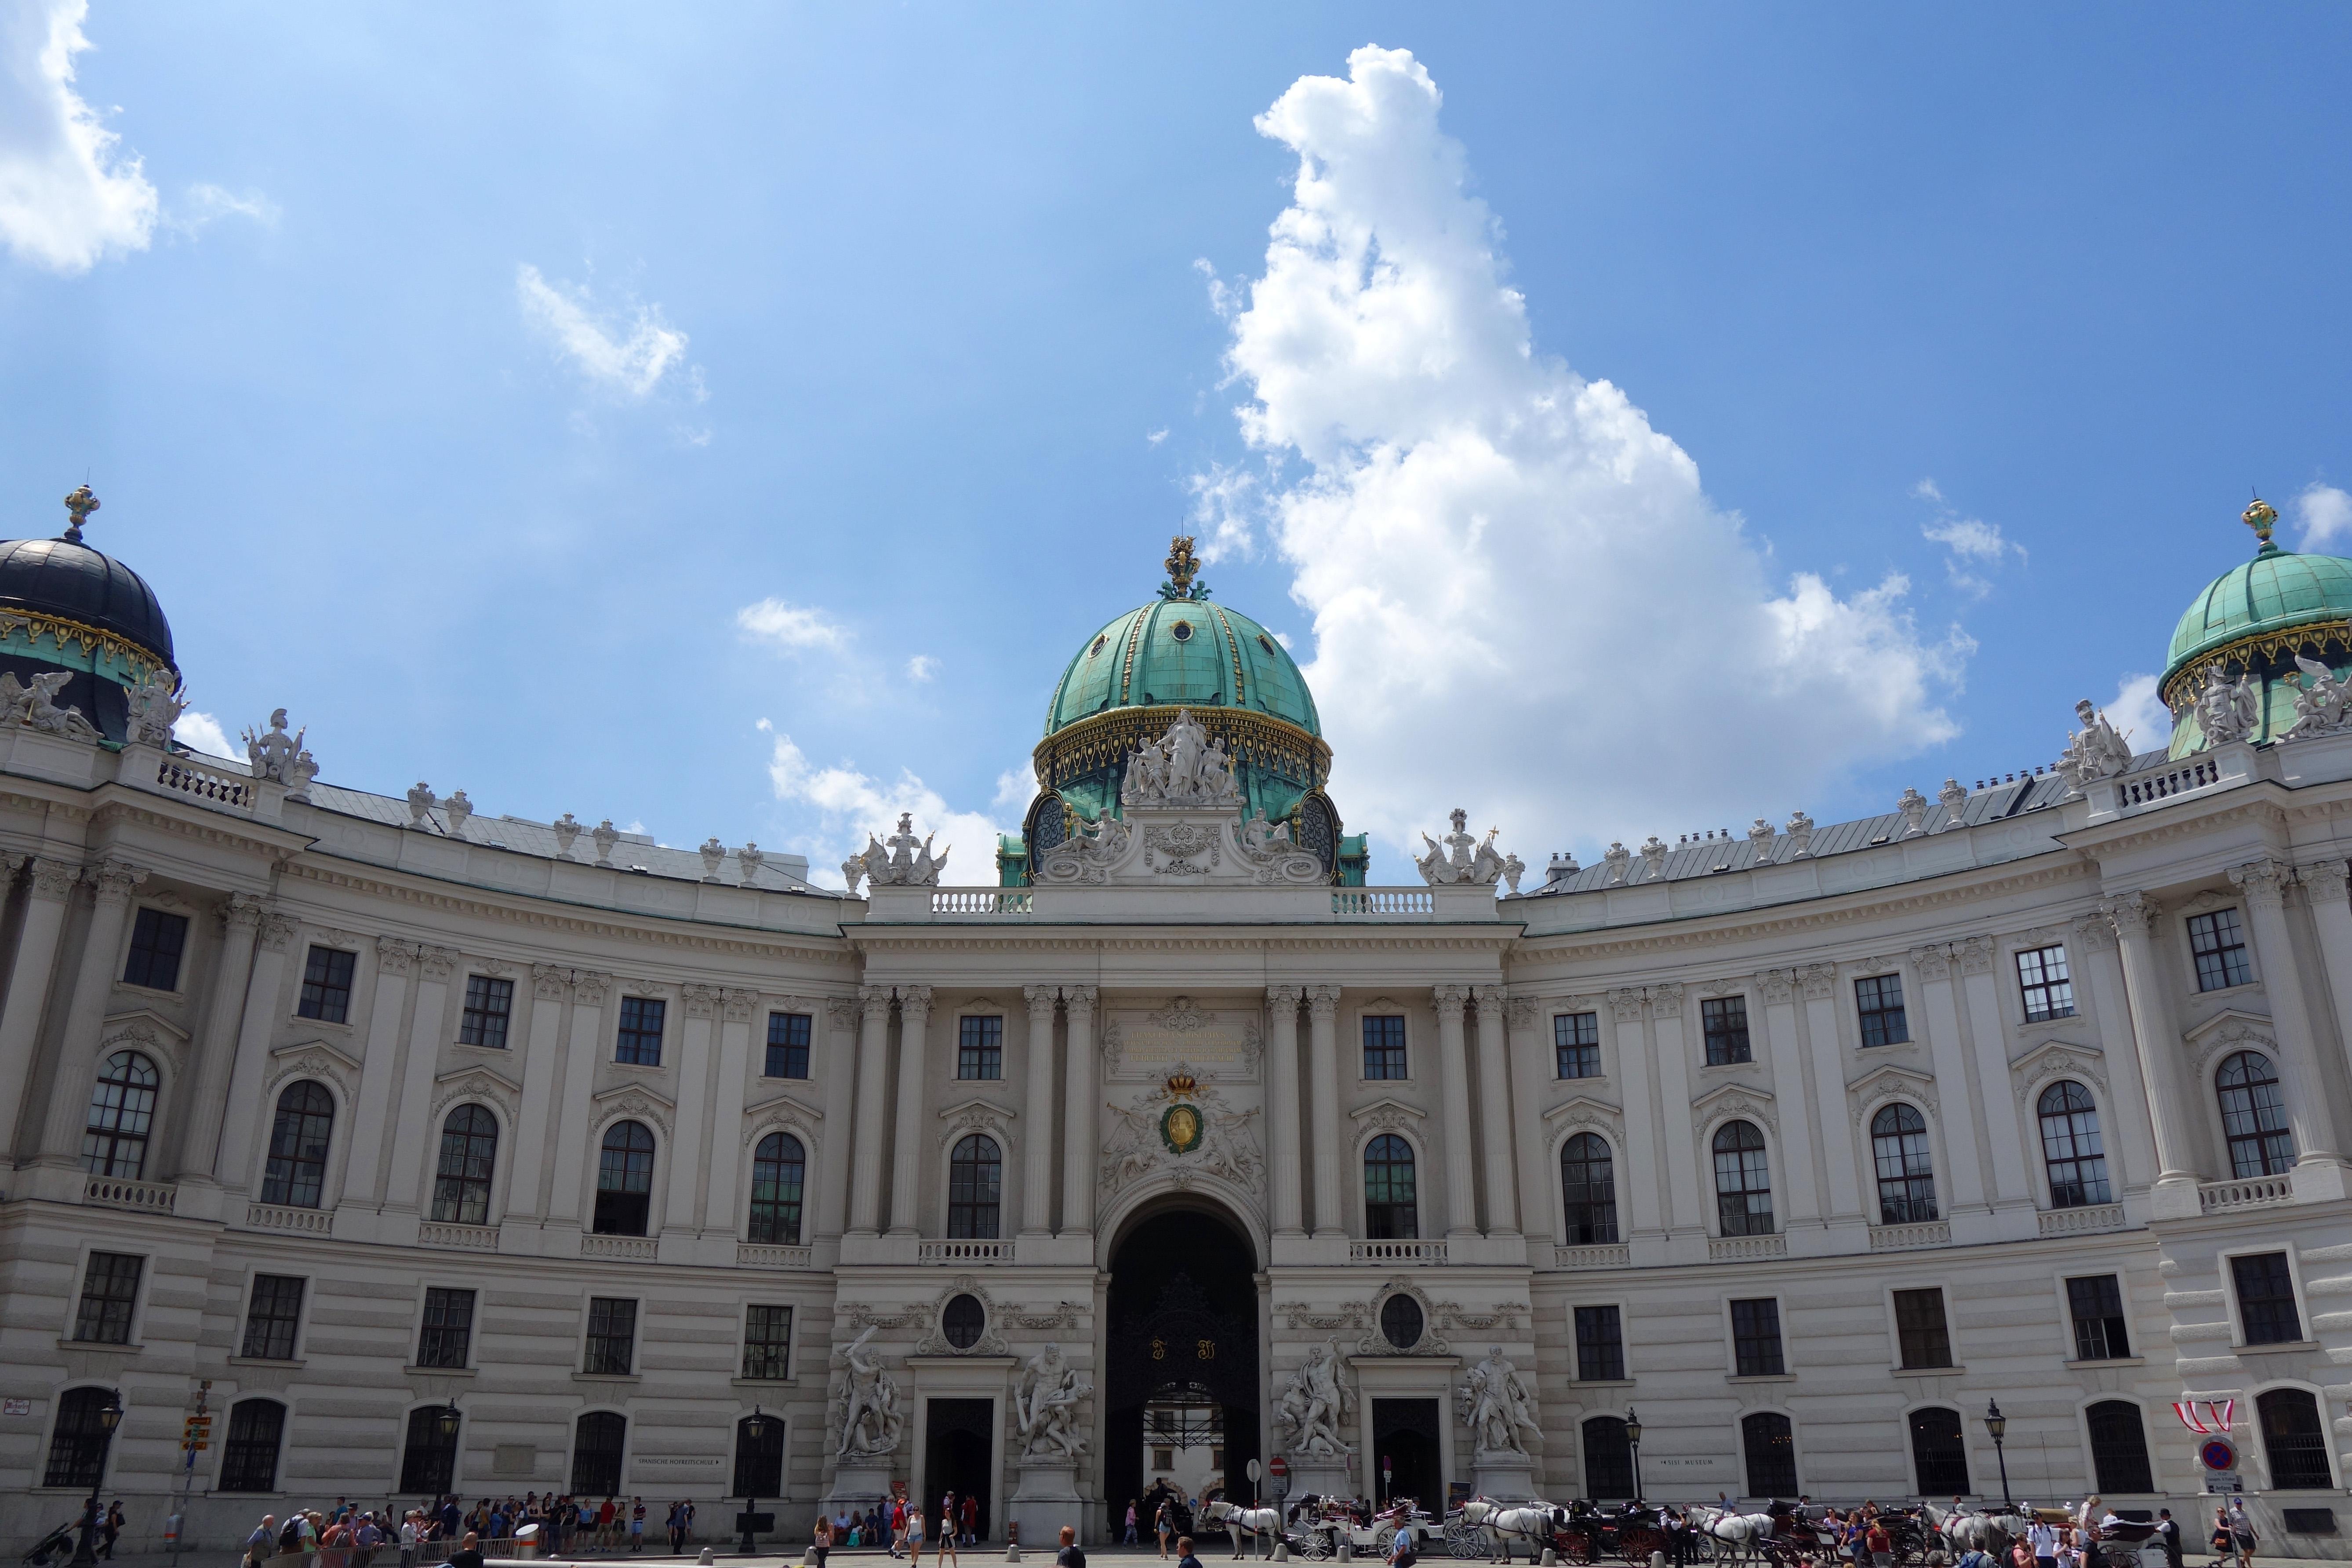 visiter vienne : le palais de hofburg